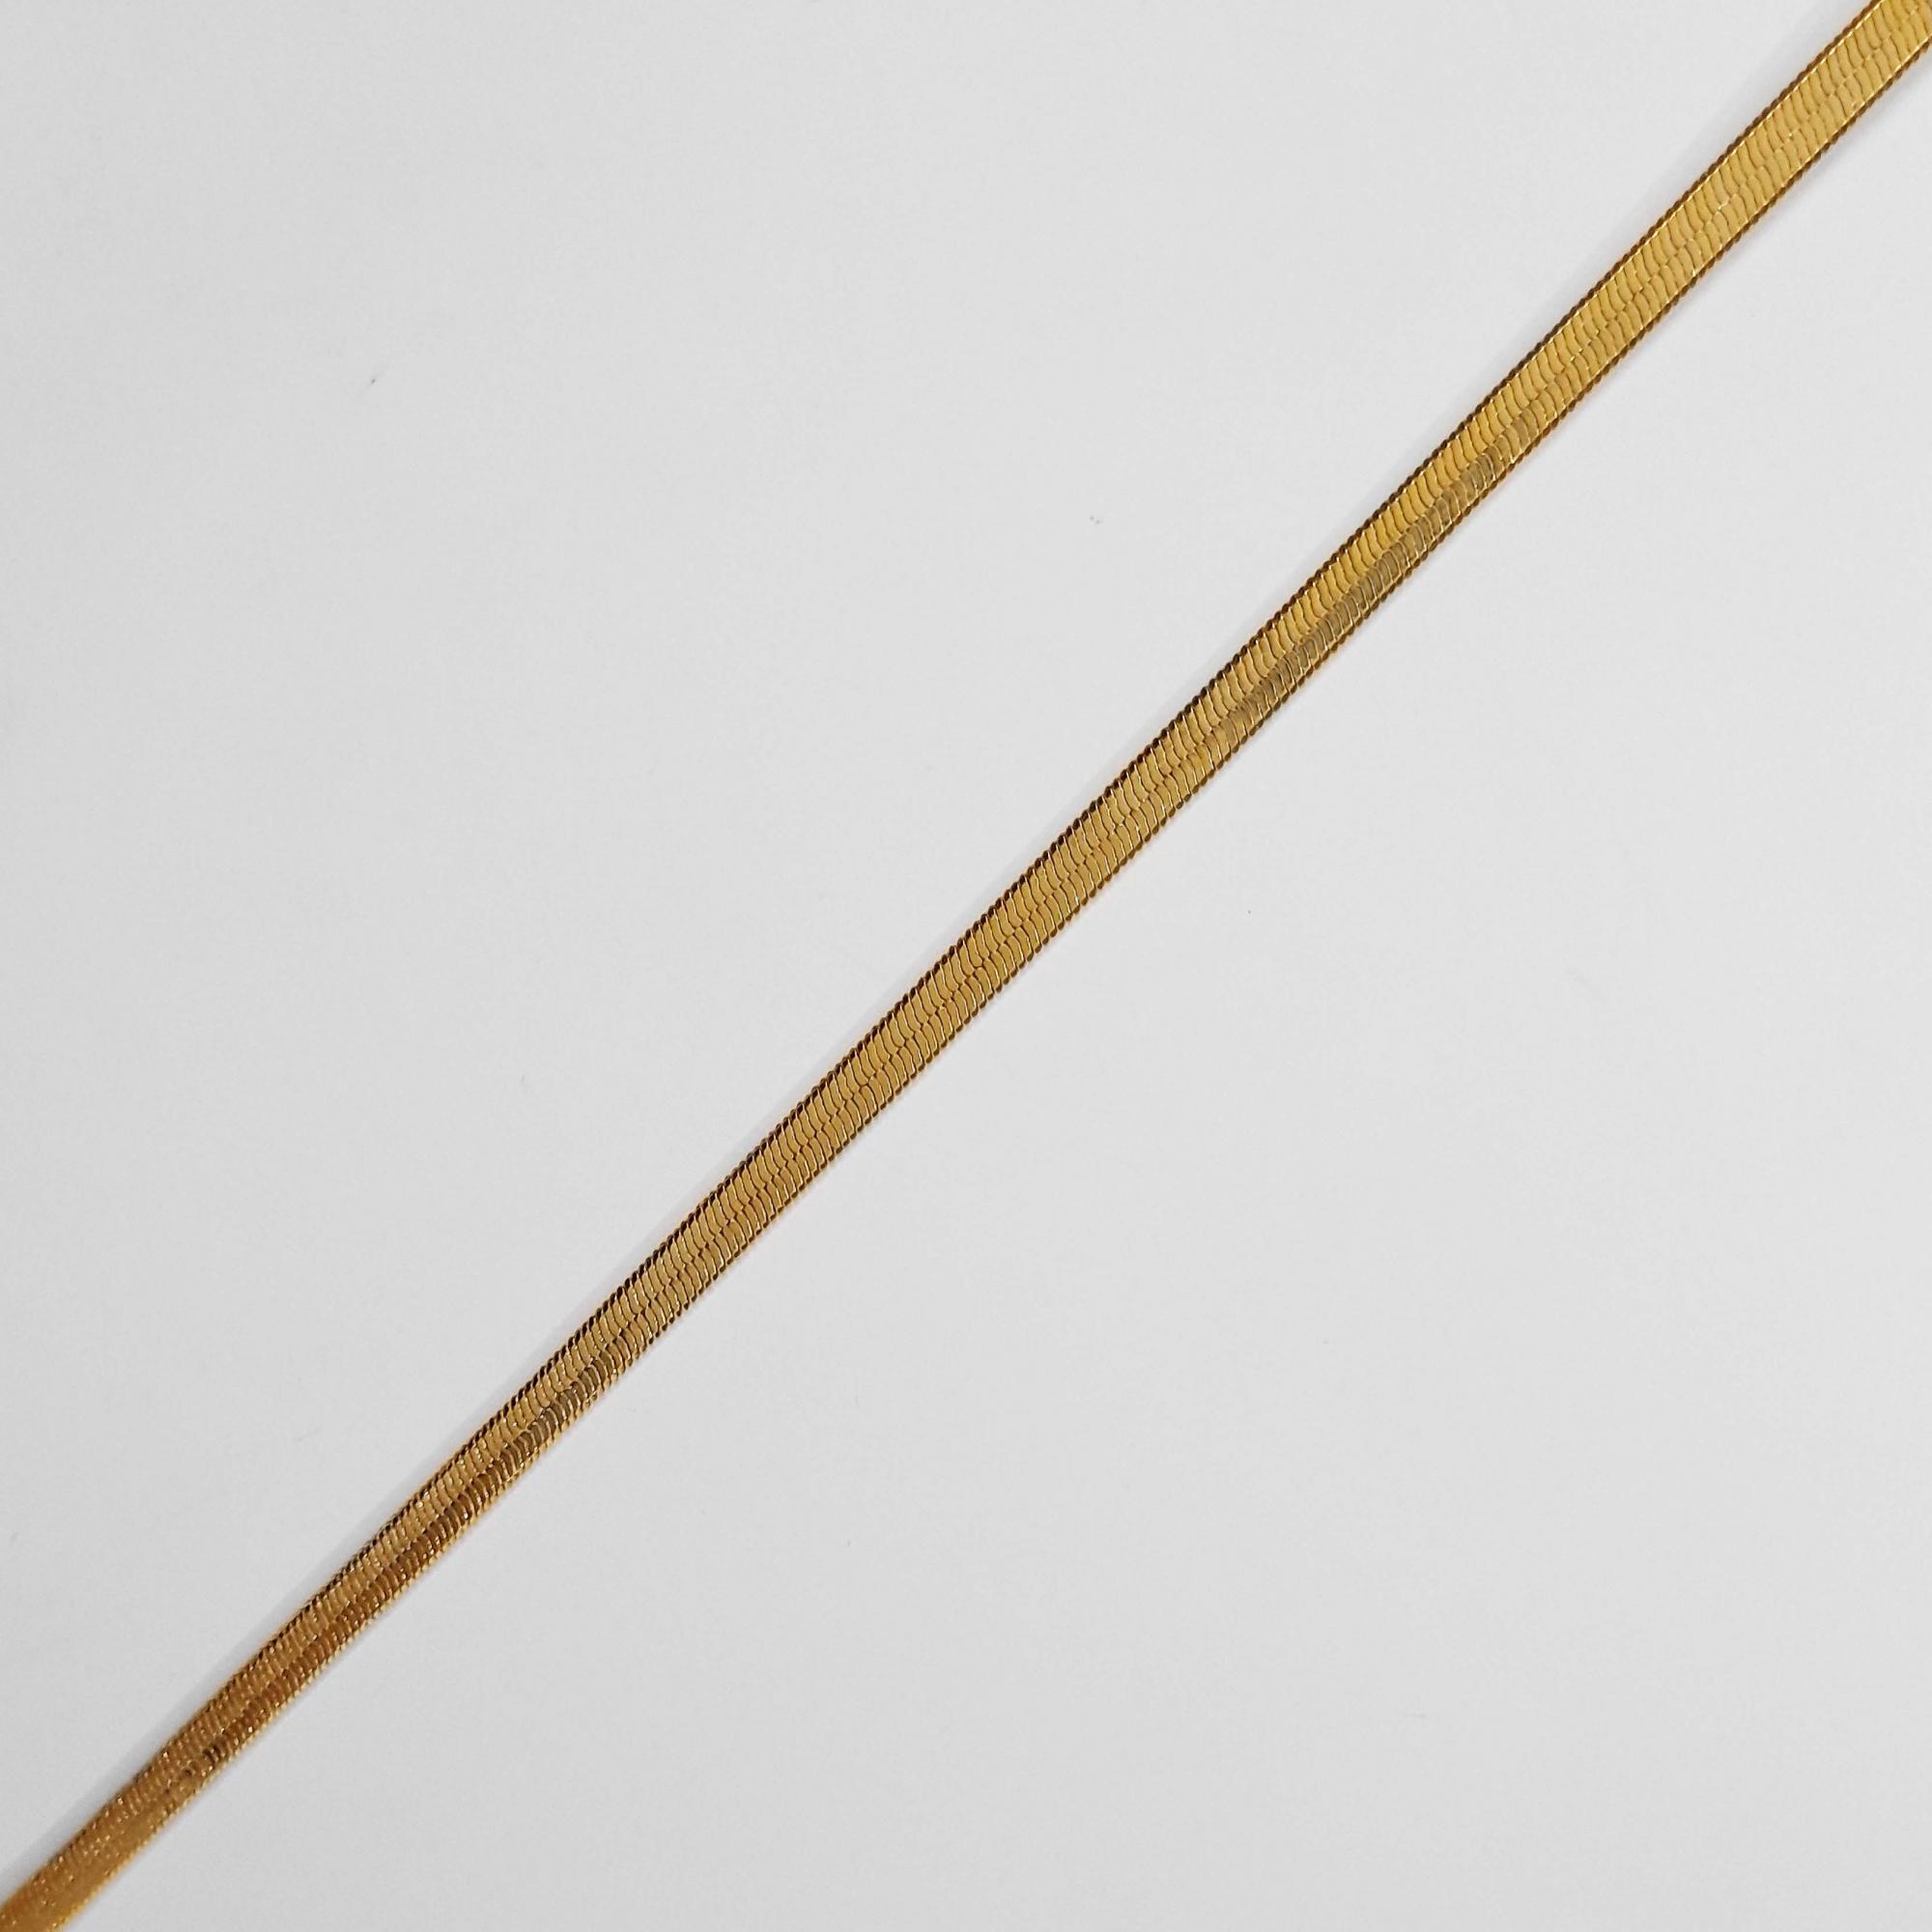 Pulseira Malha Serpente 3mm Folheada a Ouro 18k  - Lunozê Joias